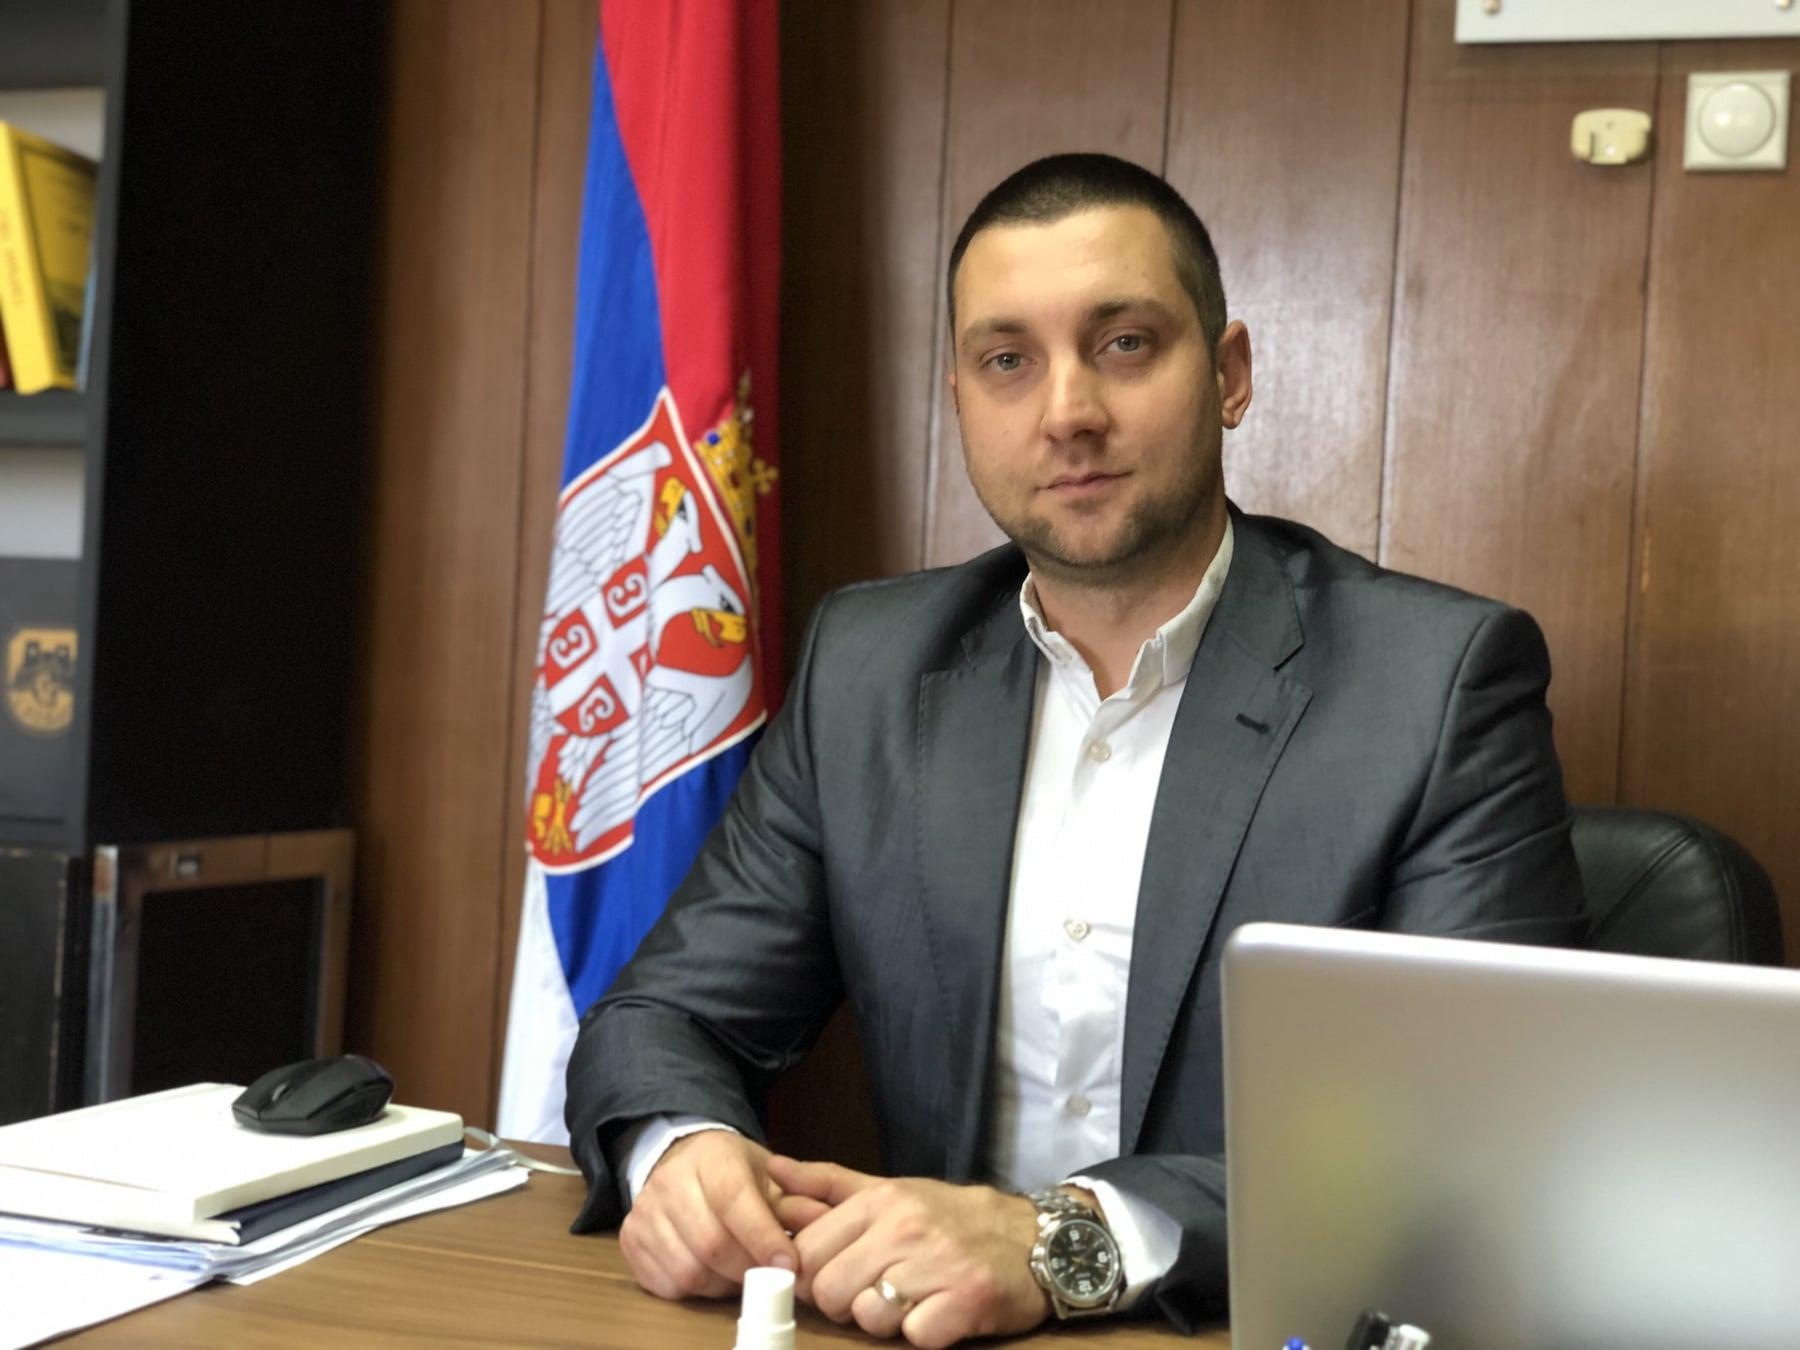 Predsednik opštine Svrljig Miroslav Marković, foto: PR služba